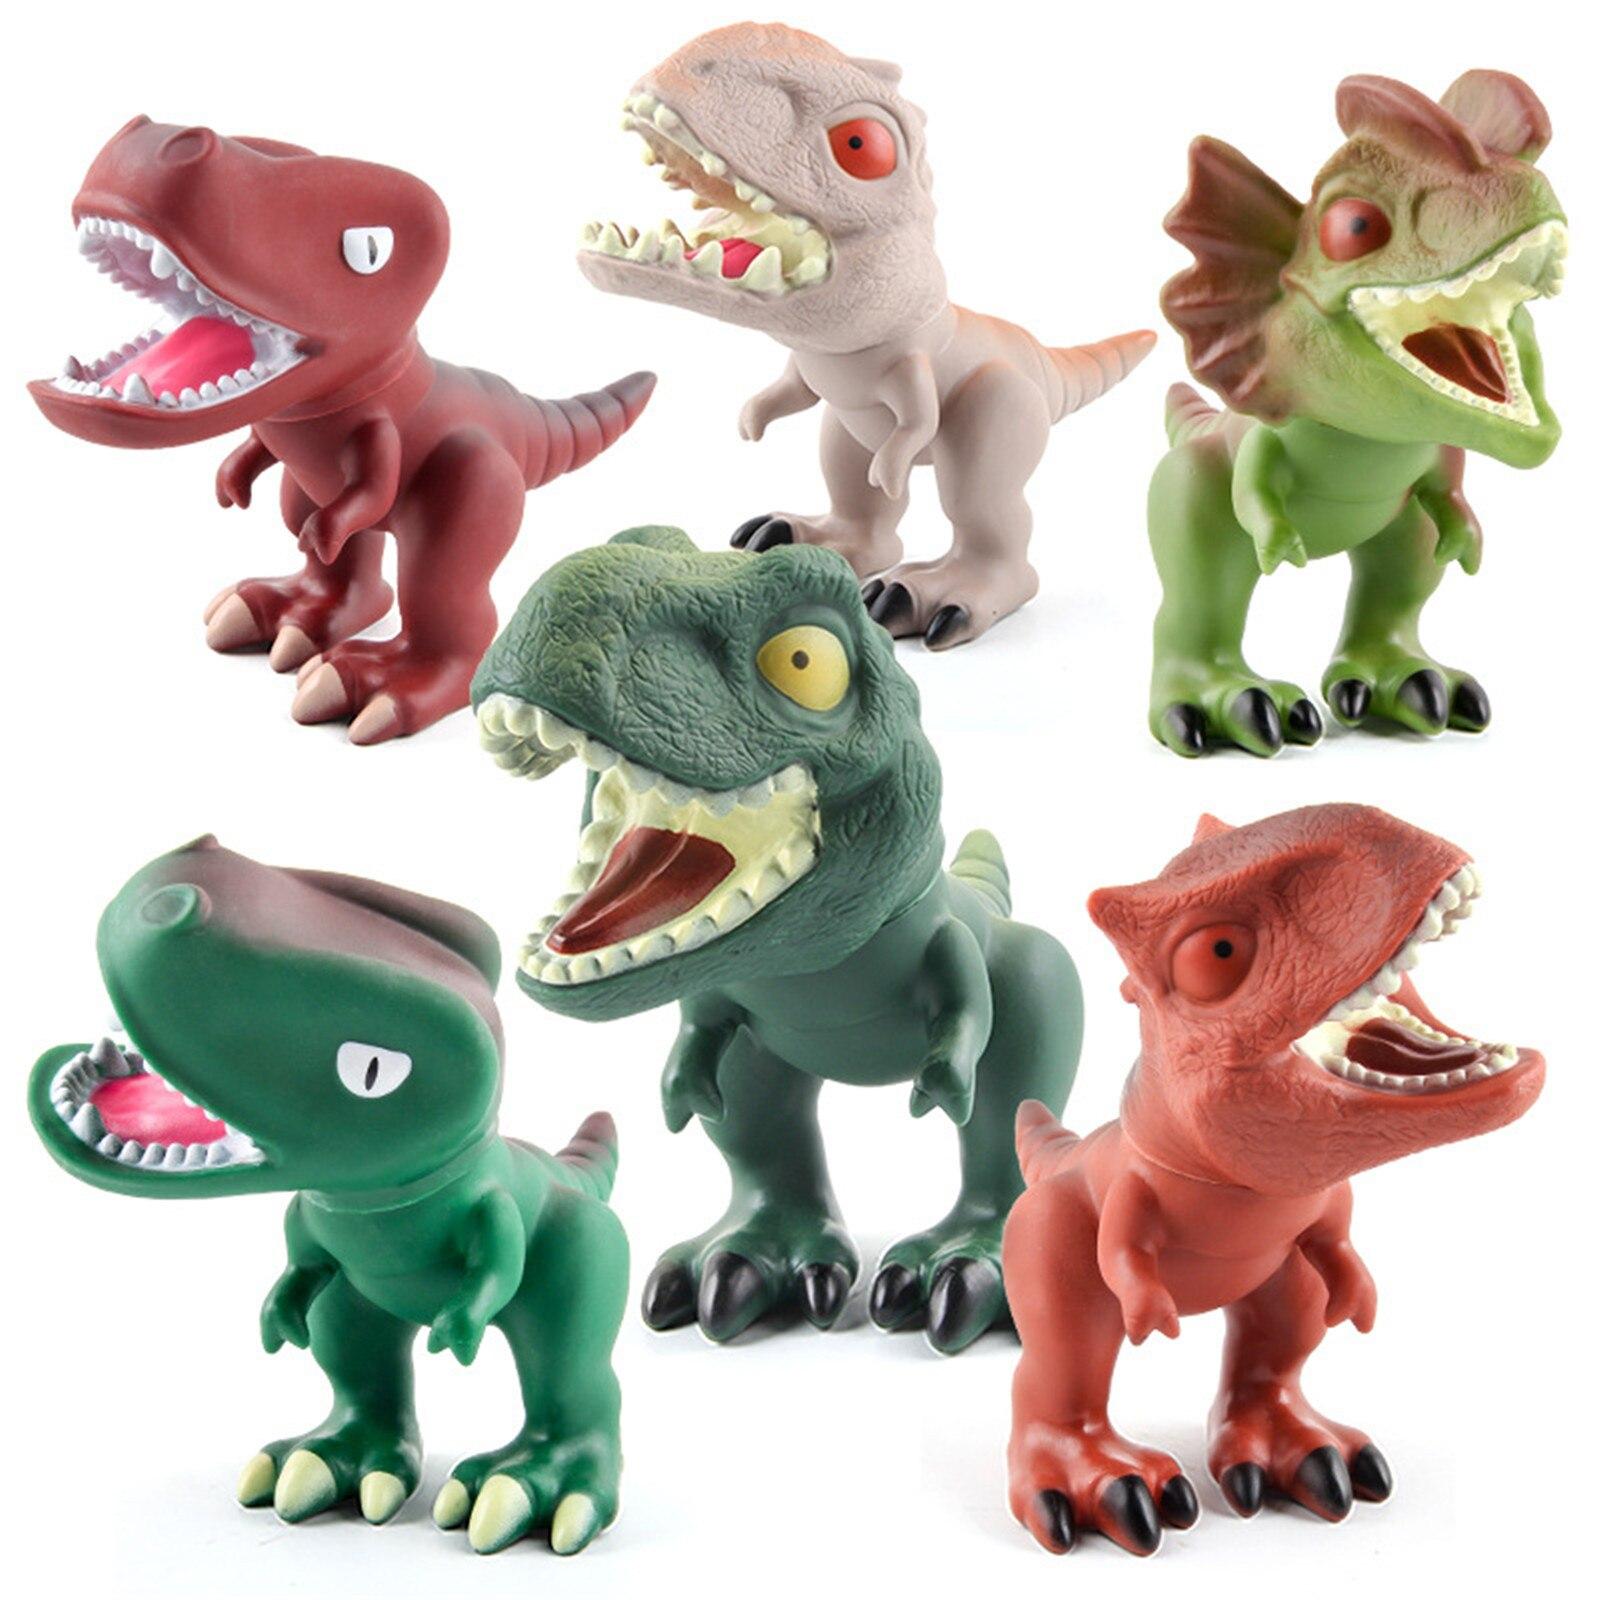 brinquedo realista dinossauro giratório de desenhos animados